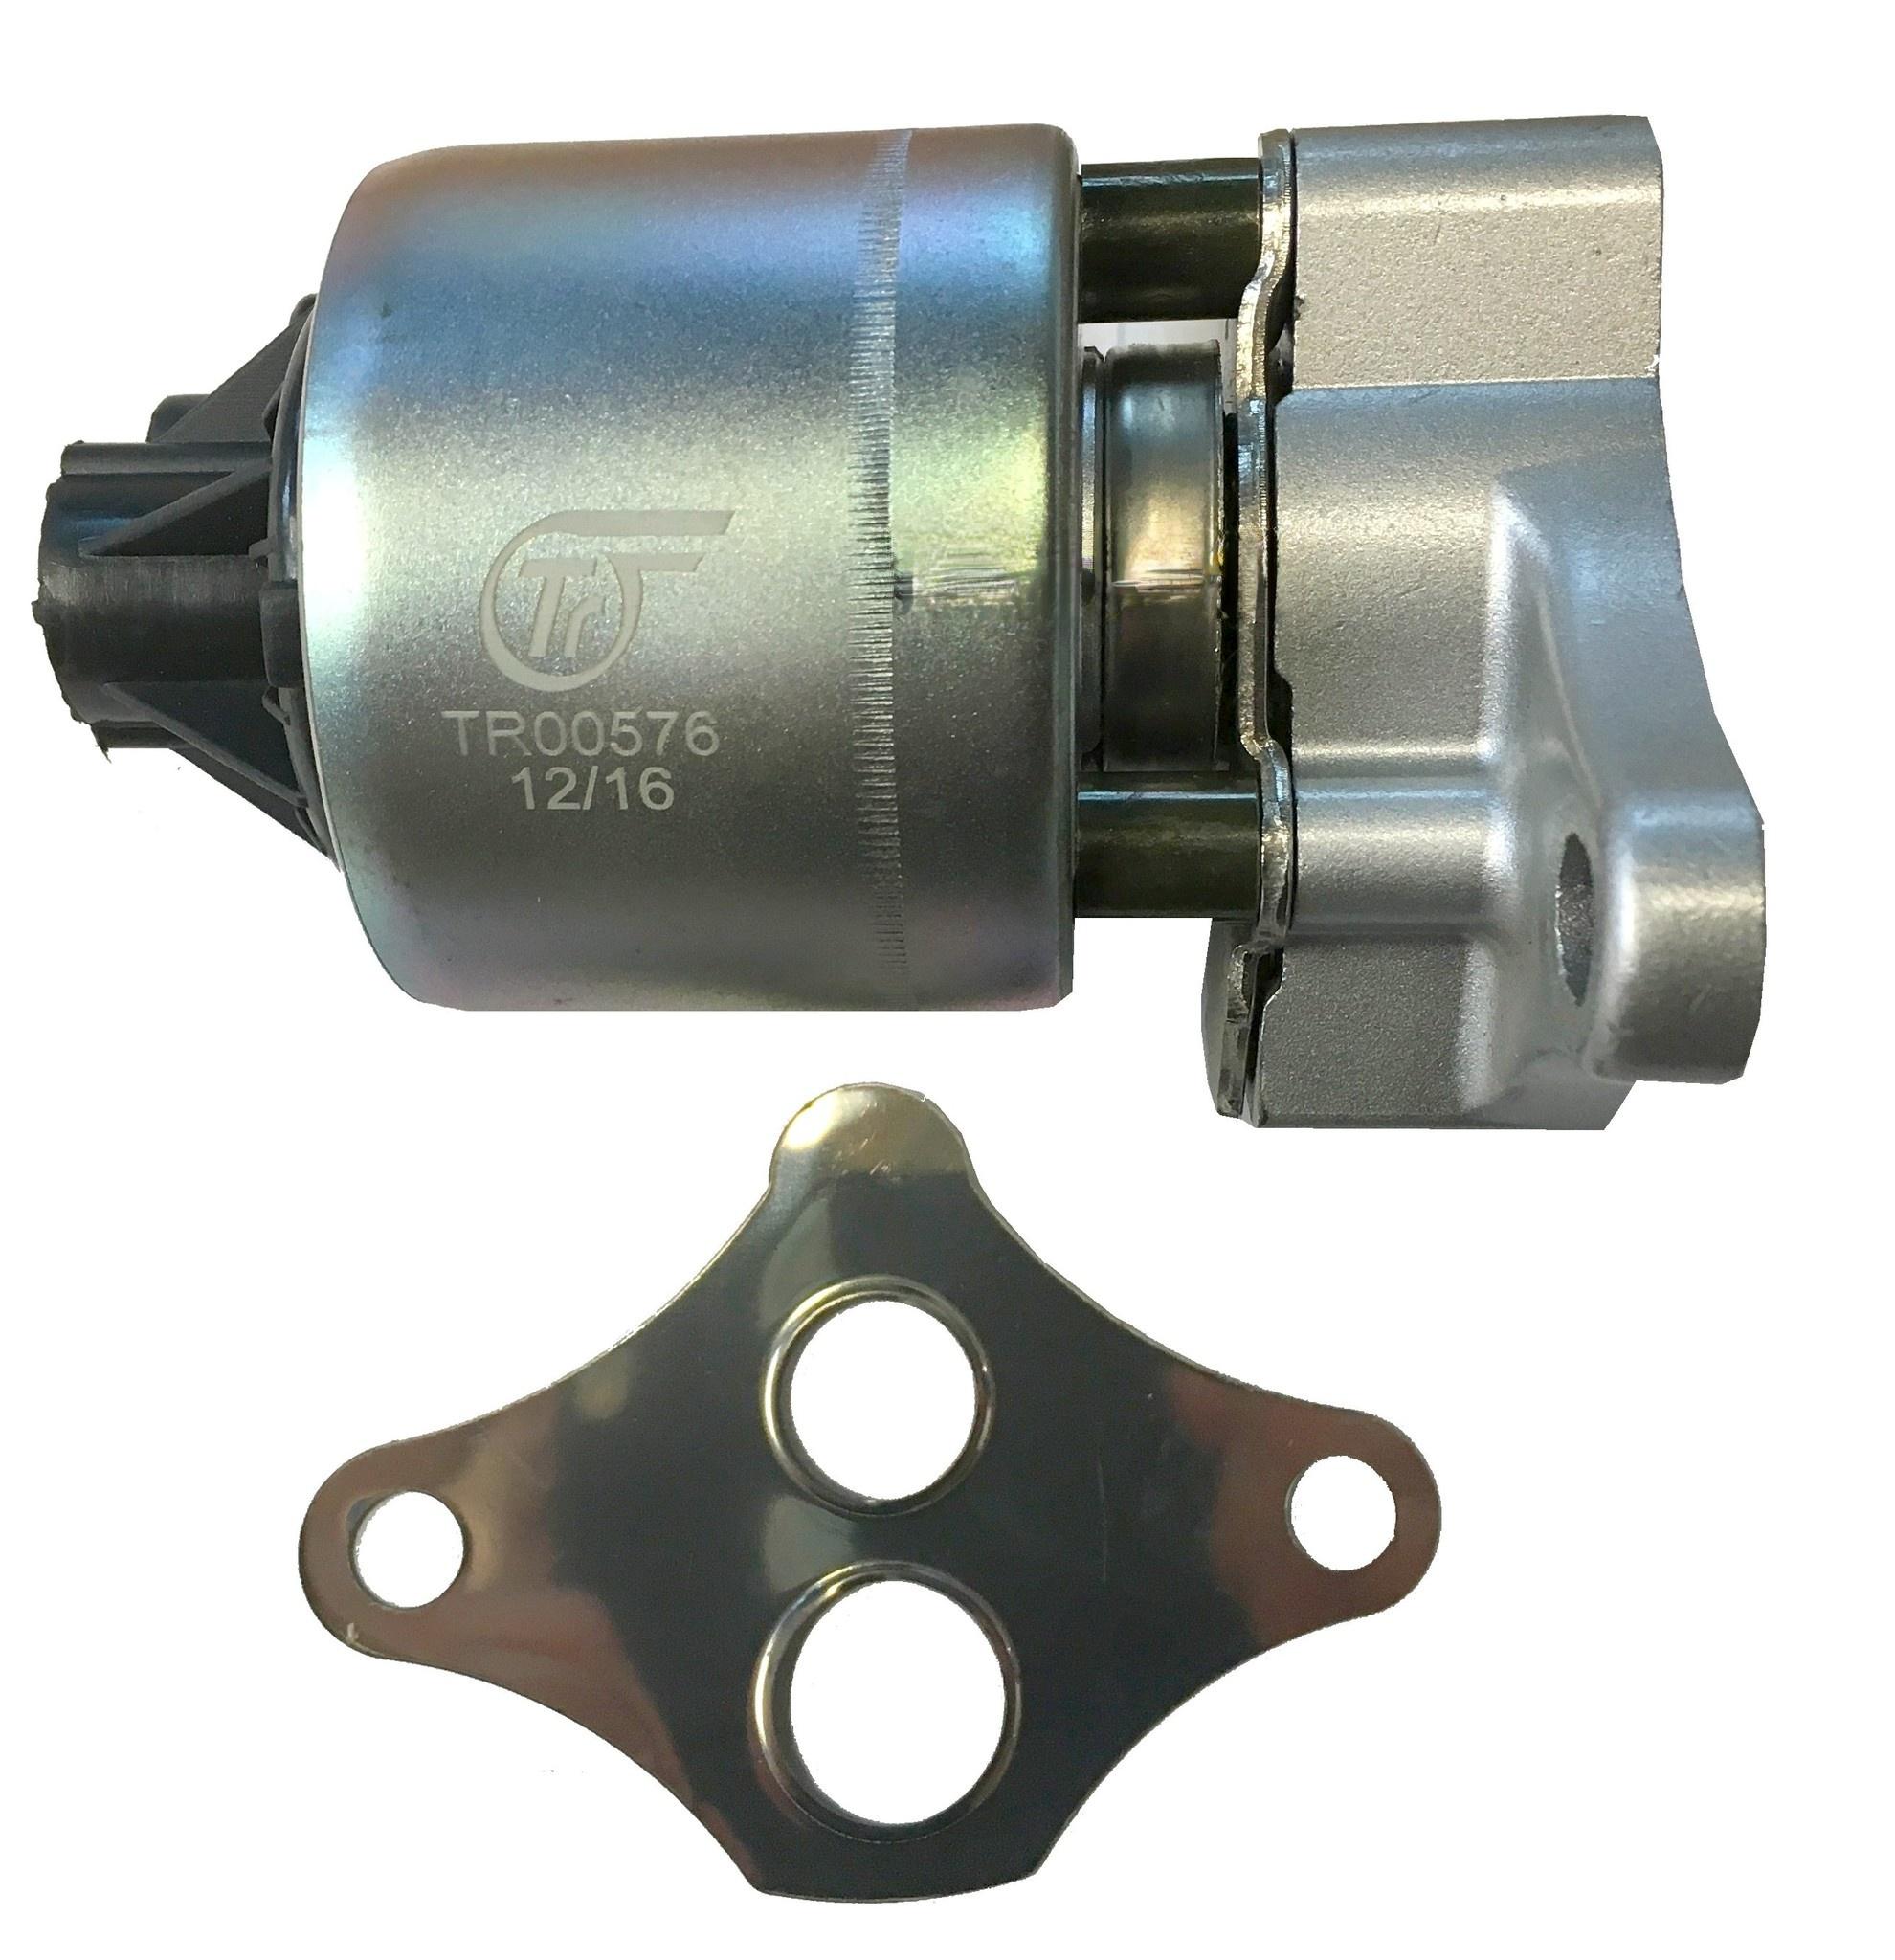 EGR ventil - TR00576 Fiat Punto 1.6 EGR/AGR ventily prémiové kvality